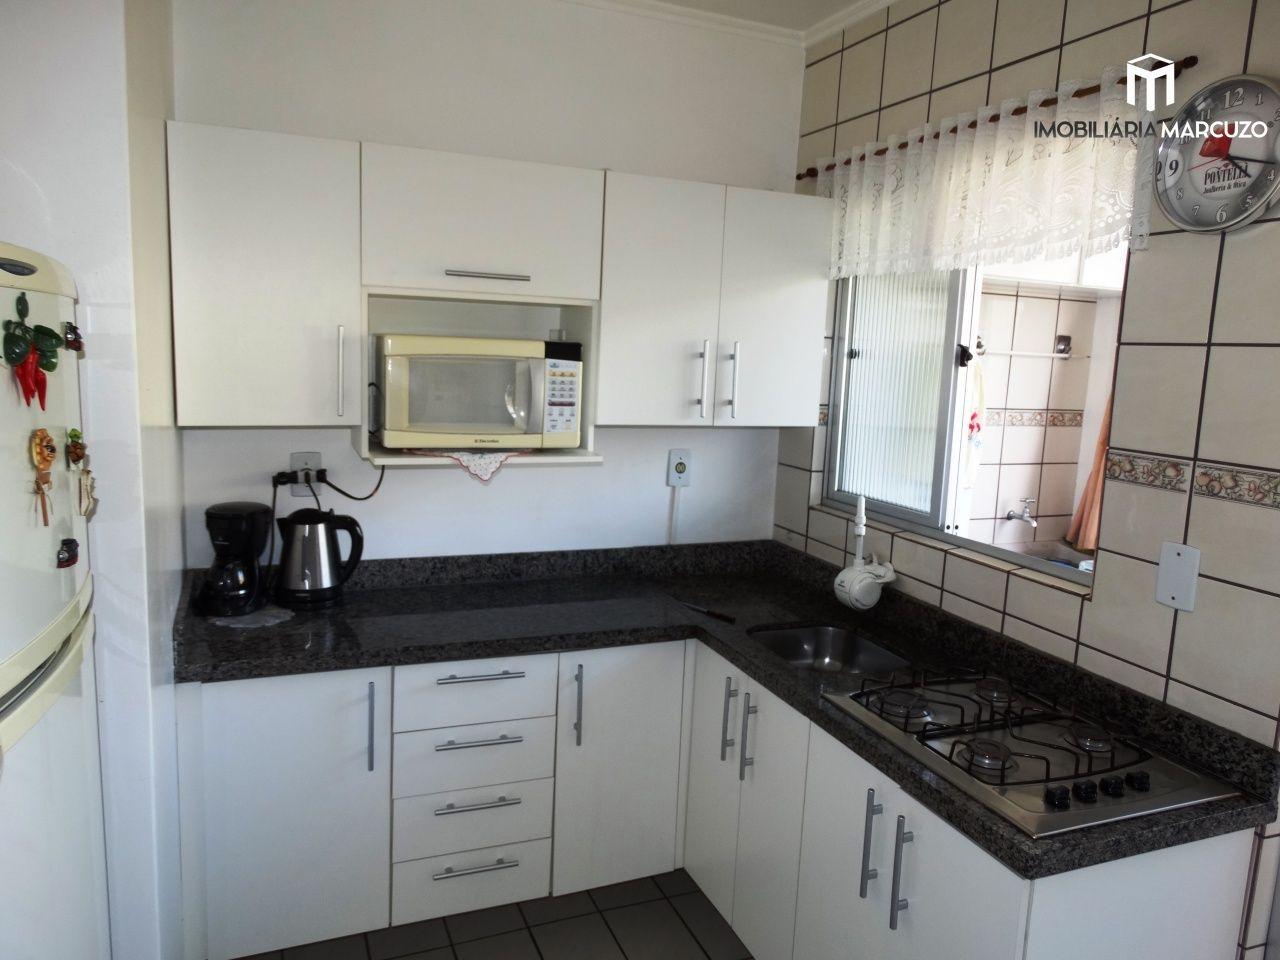 Apartamento com 2 Dormitórios à venda, 67 m² por R$ 260.000,00